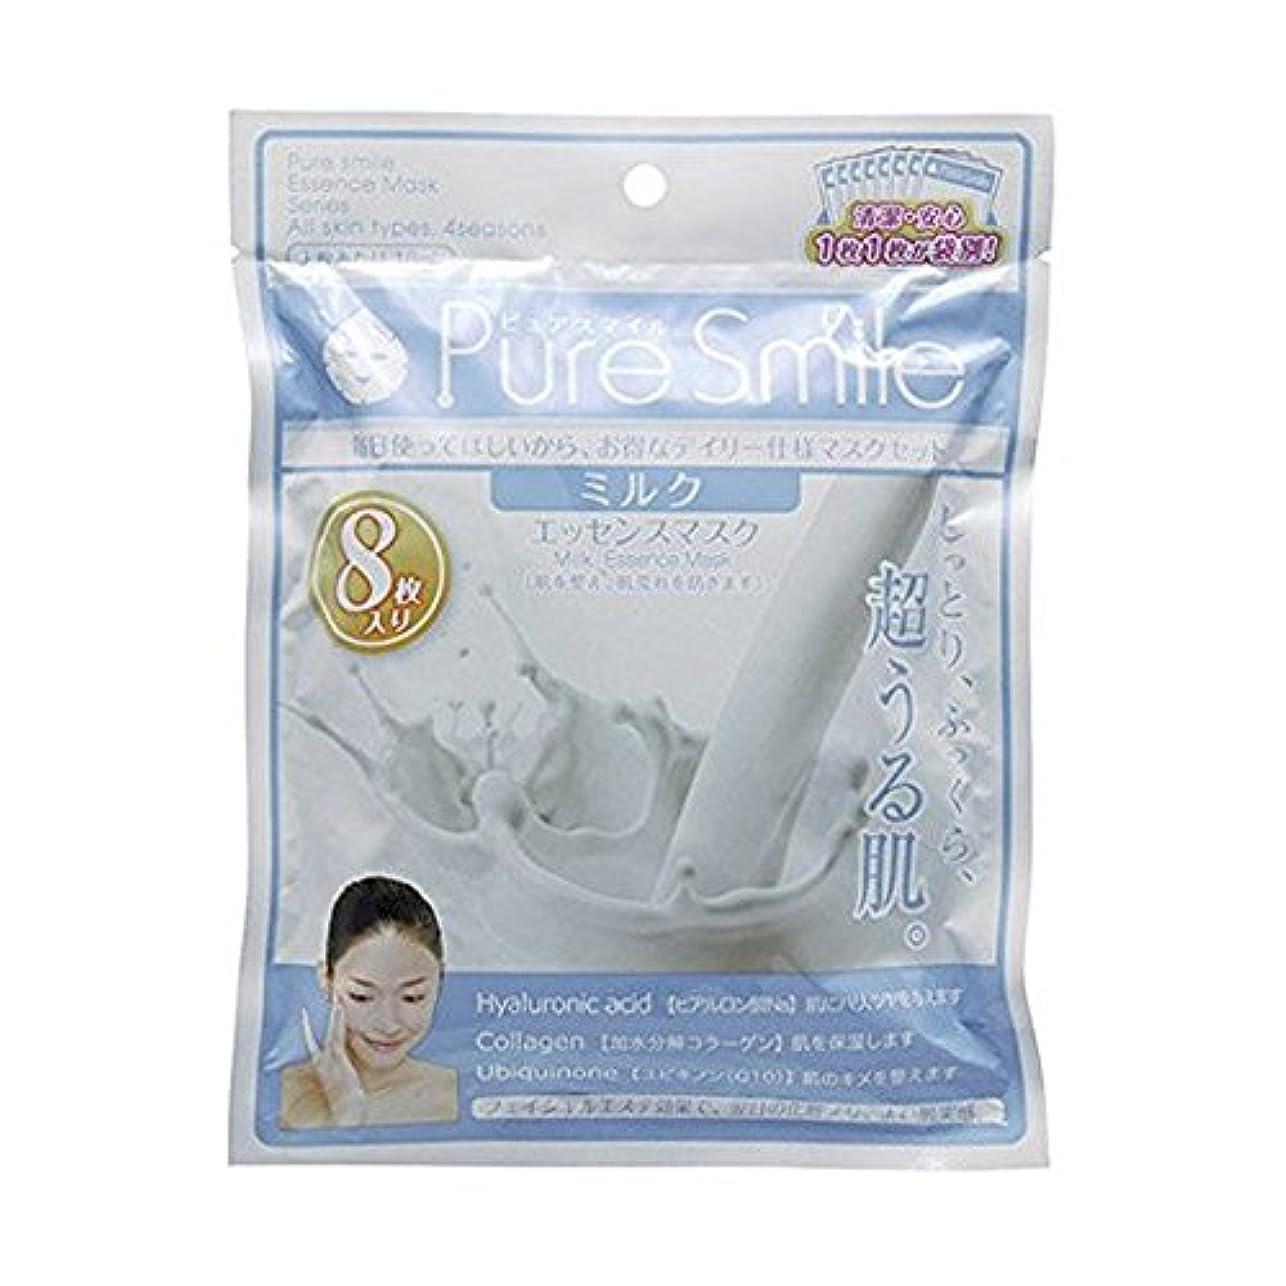 電信クリスチャン巻き取りピュアスマイル エッセンスマスク 8枚セット ミルク